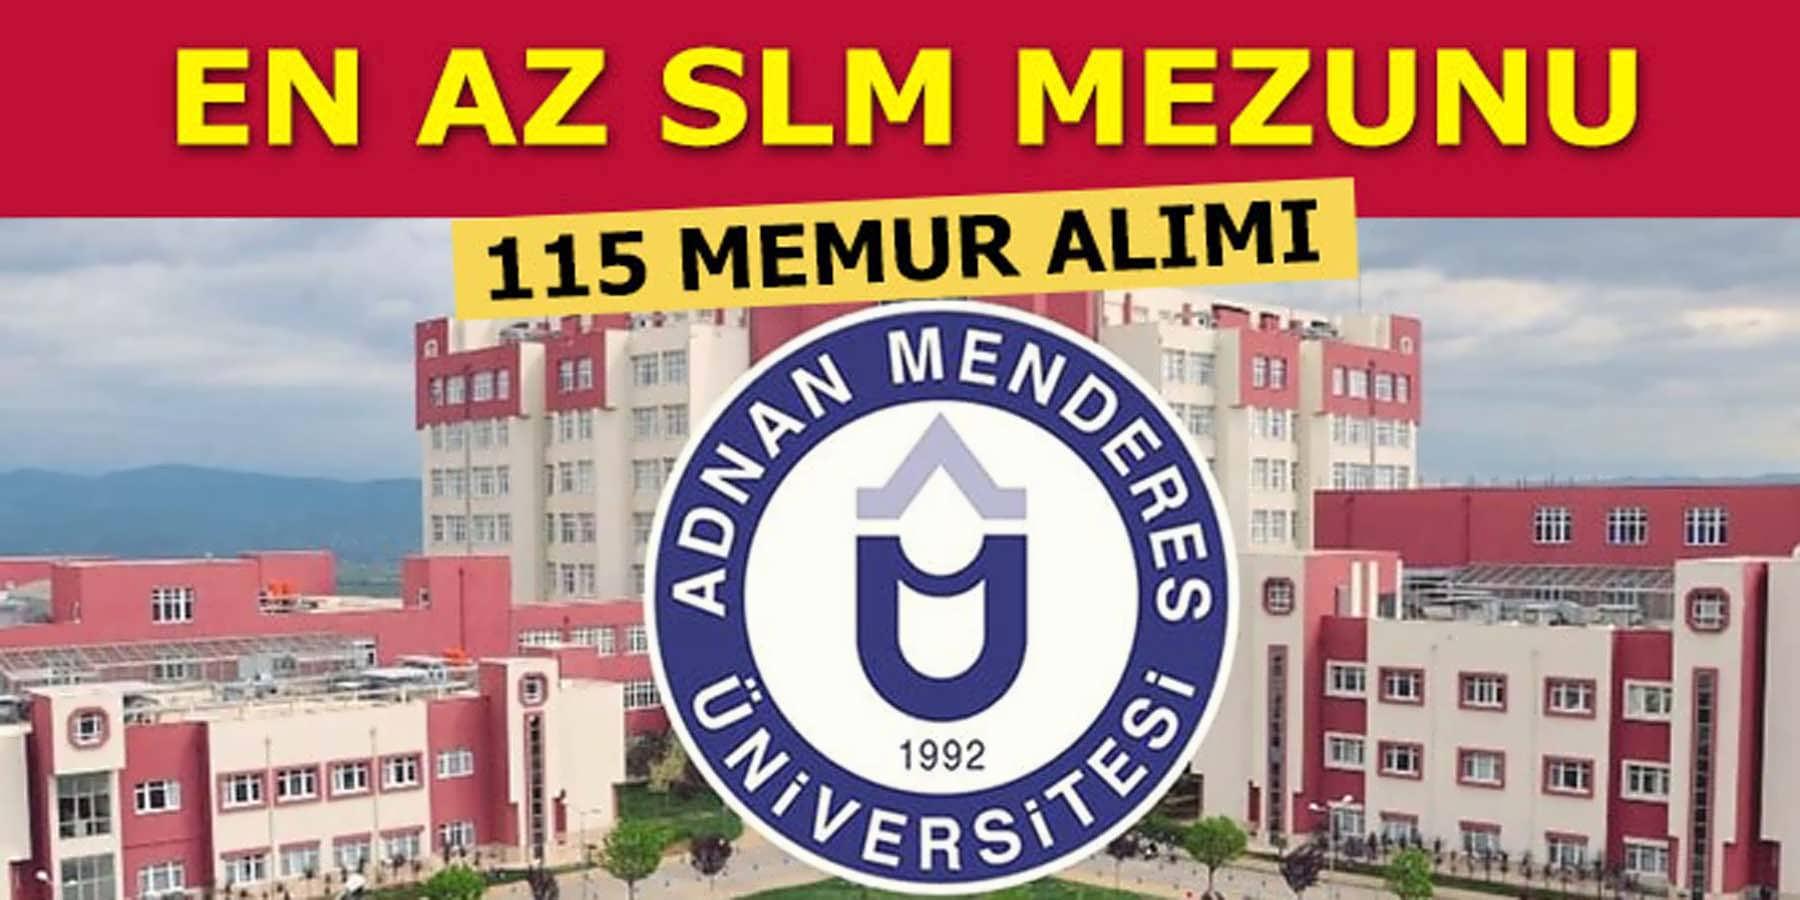 Adnan Menderes Üniversitesi En Az SML Mezunu 115 Memur Alımı